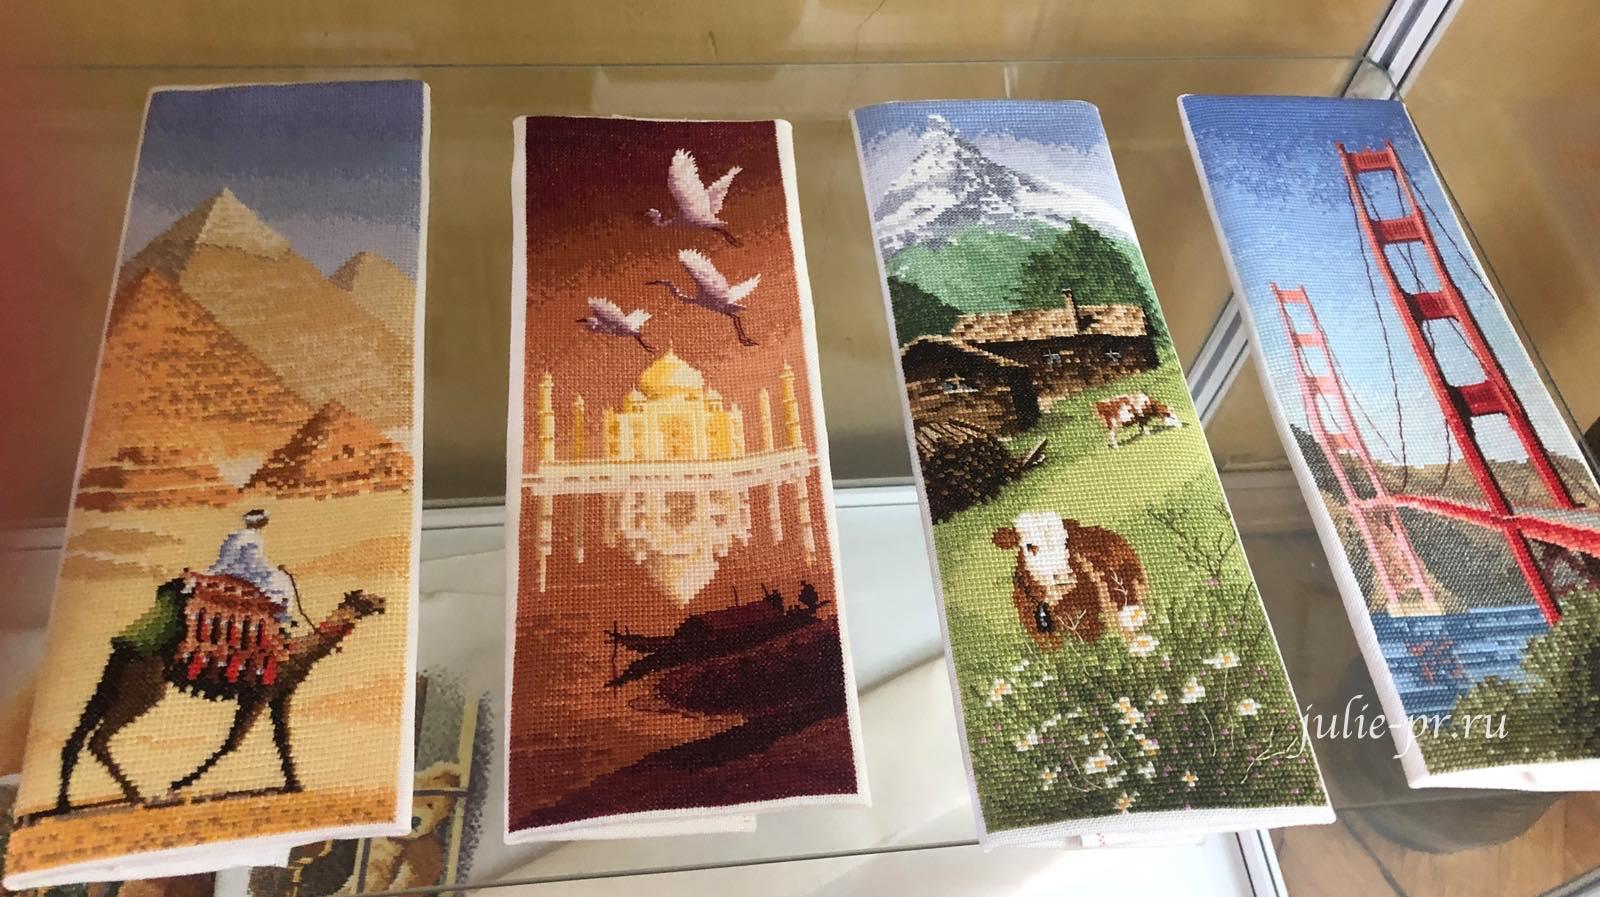 The Pyramids, Taj Mahal, Alpine Meadow, Golden Gate Bridge, Internationals, Международная серия, вышивка крестом, Heritage, John Clayton, выставка Грани Джона Клейтона